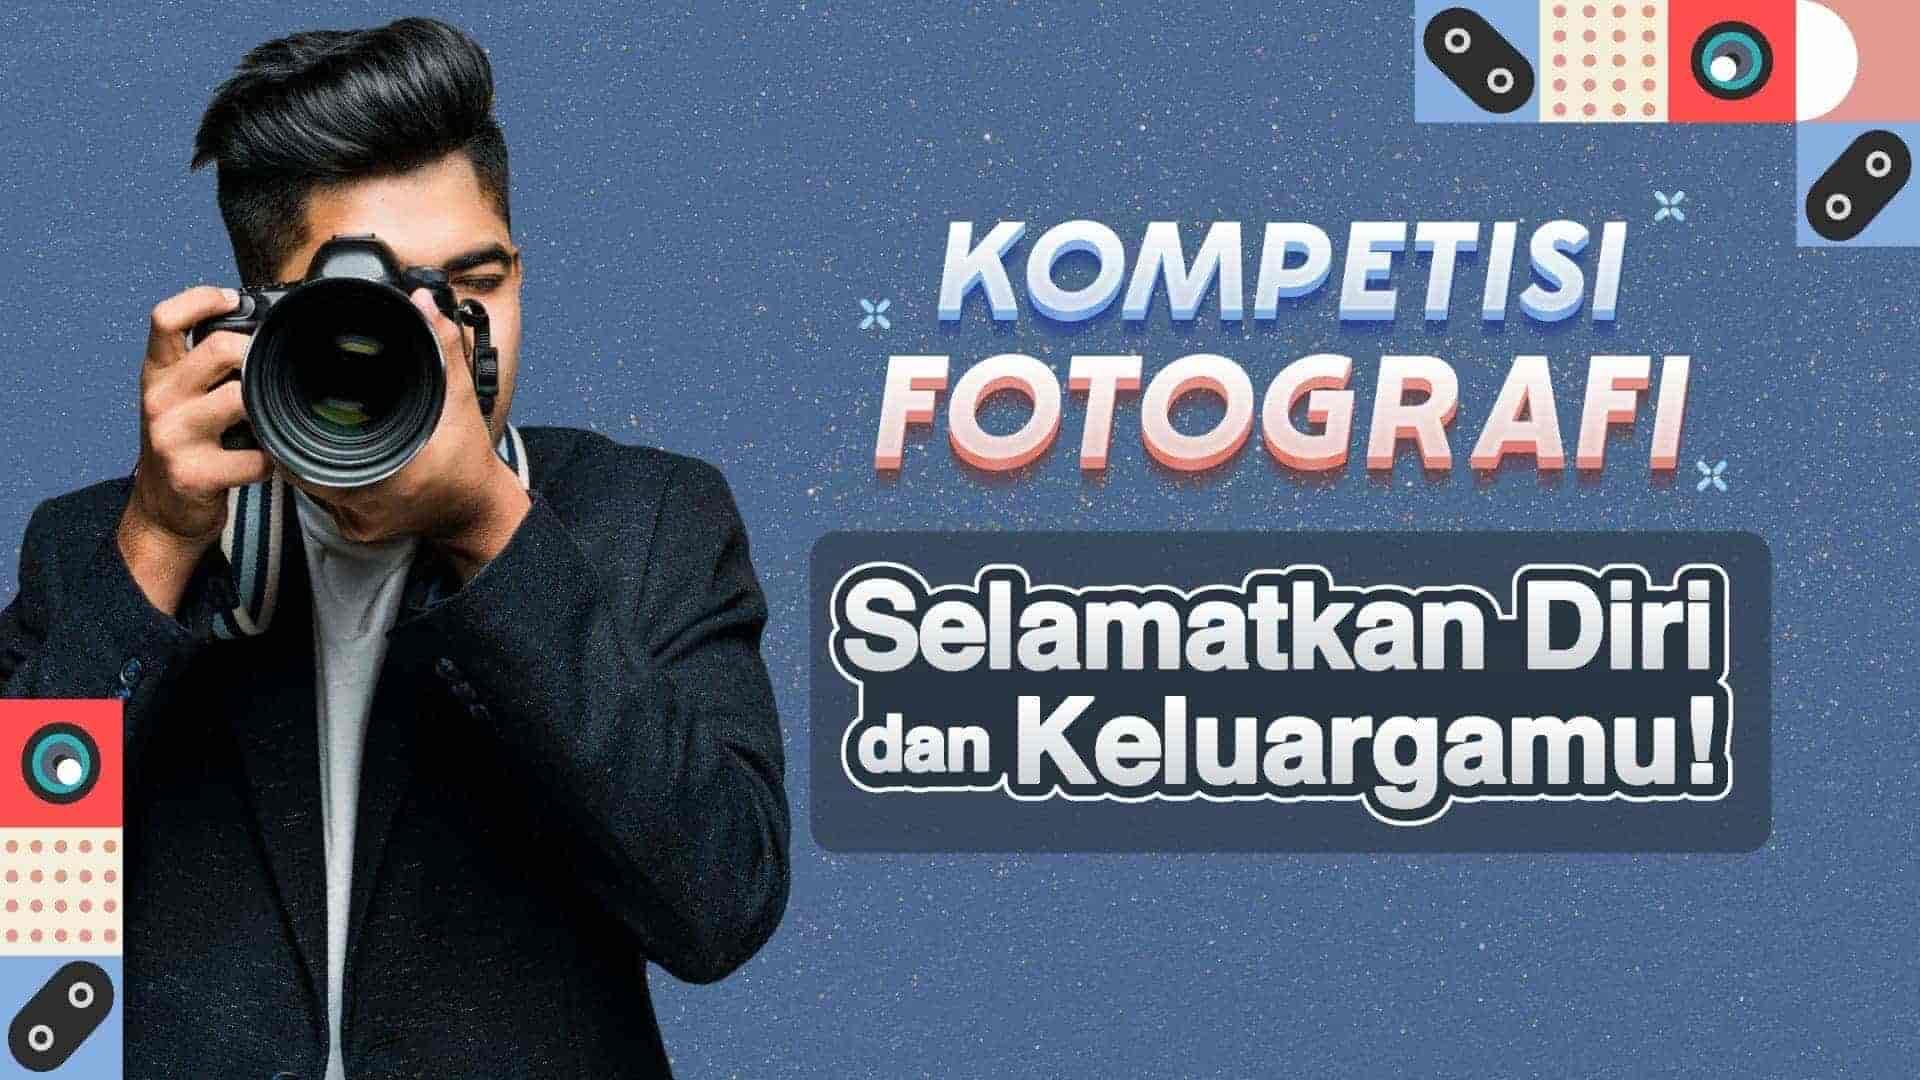 Kompetisi Fotografi